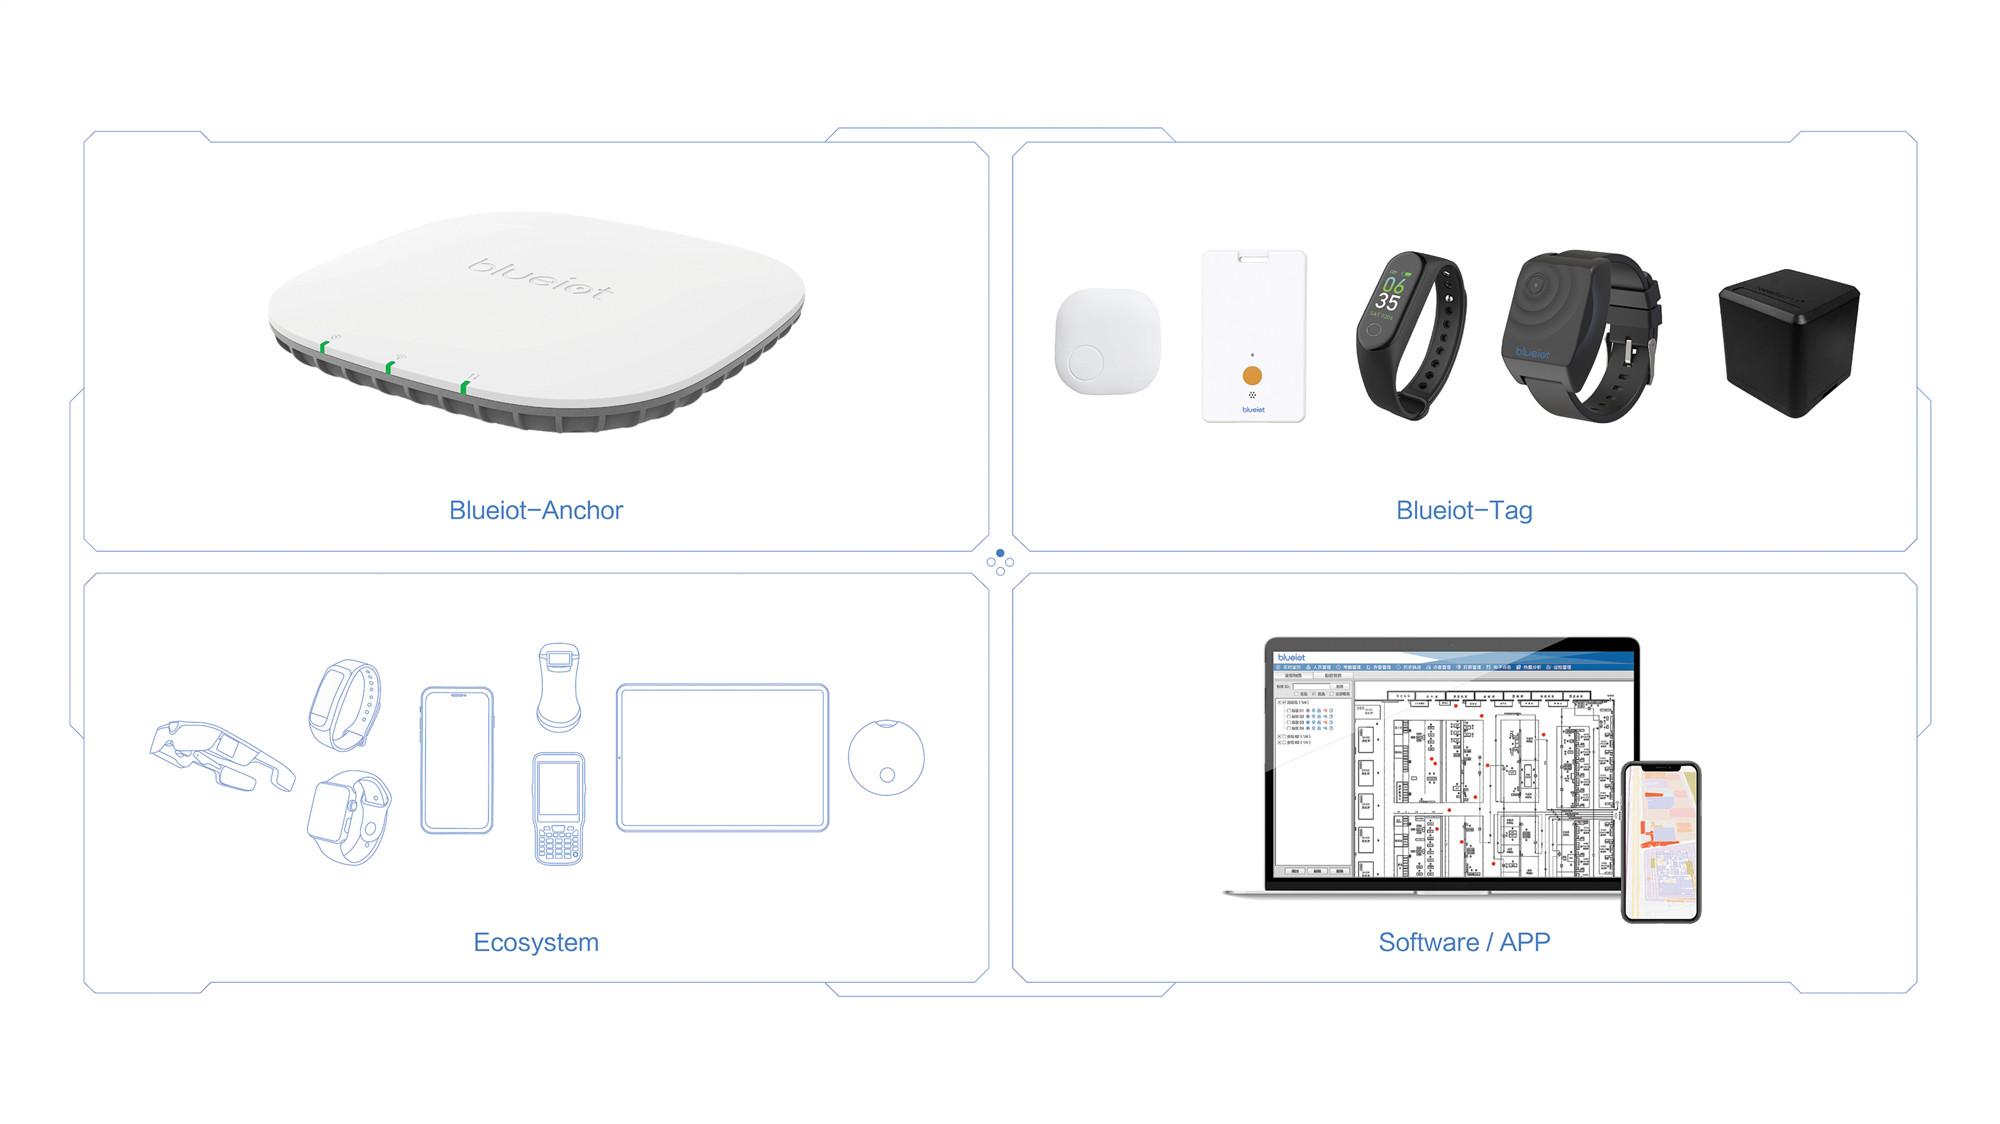 蓝色创源使用Nordic nRF52833 SoC实现兼容智能手机的低功耗位置服务网络